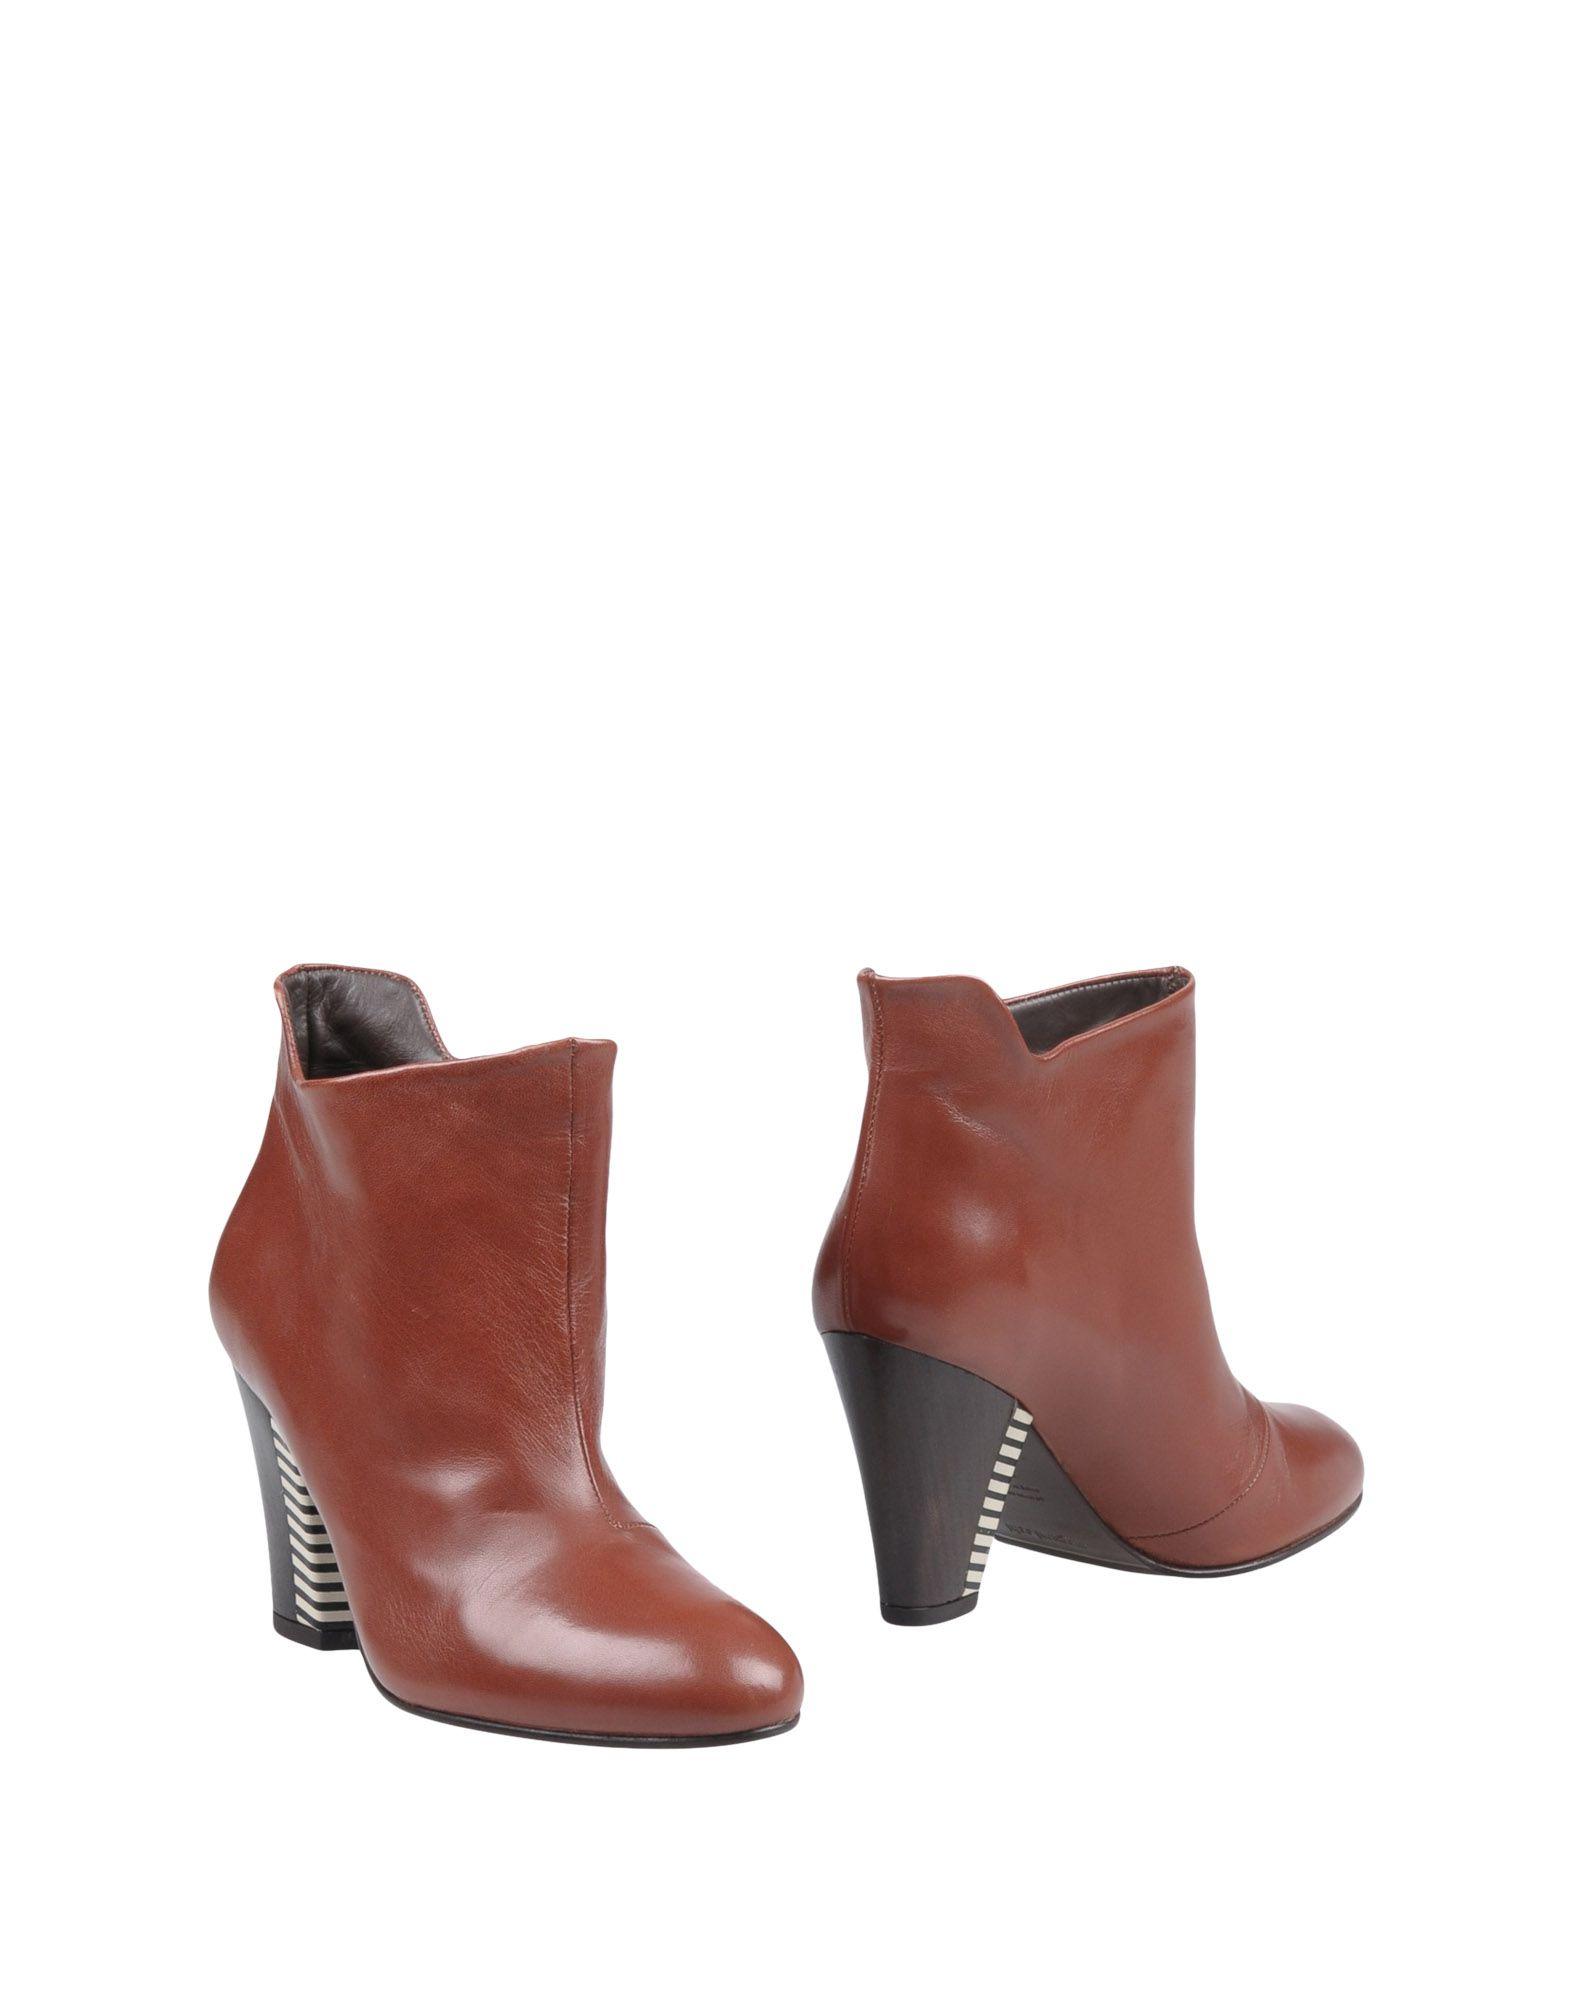 Megumi Ochi Stiefelette Damen  11420771EW Gute Qualität beliebte Schuhe